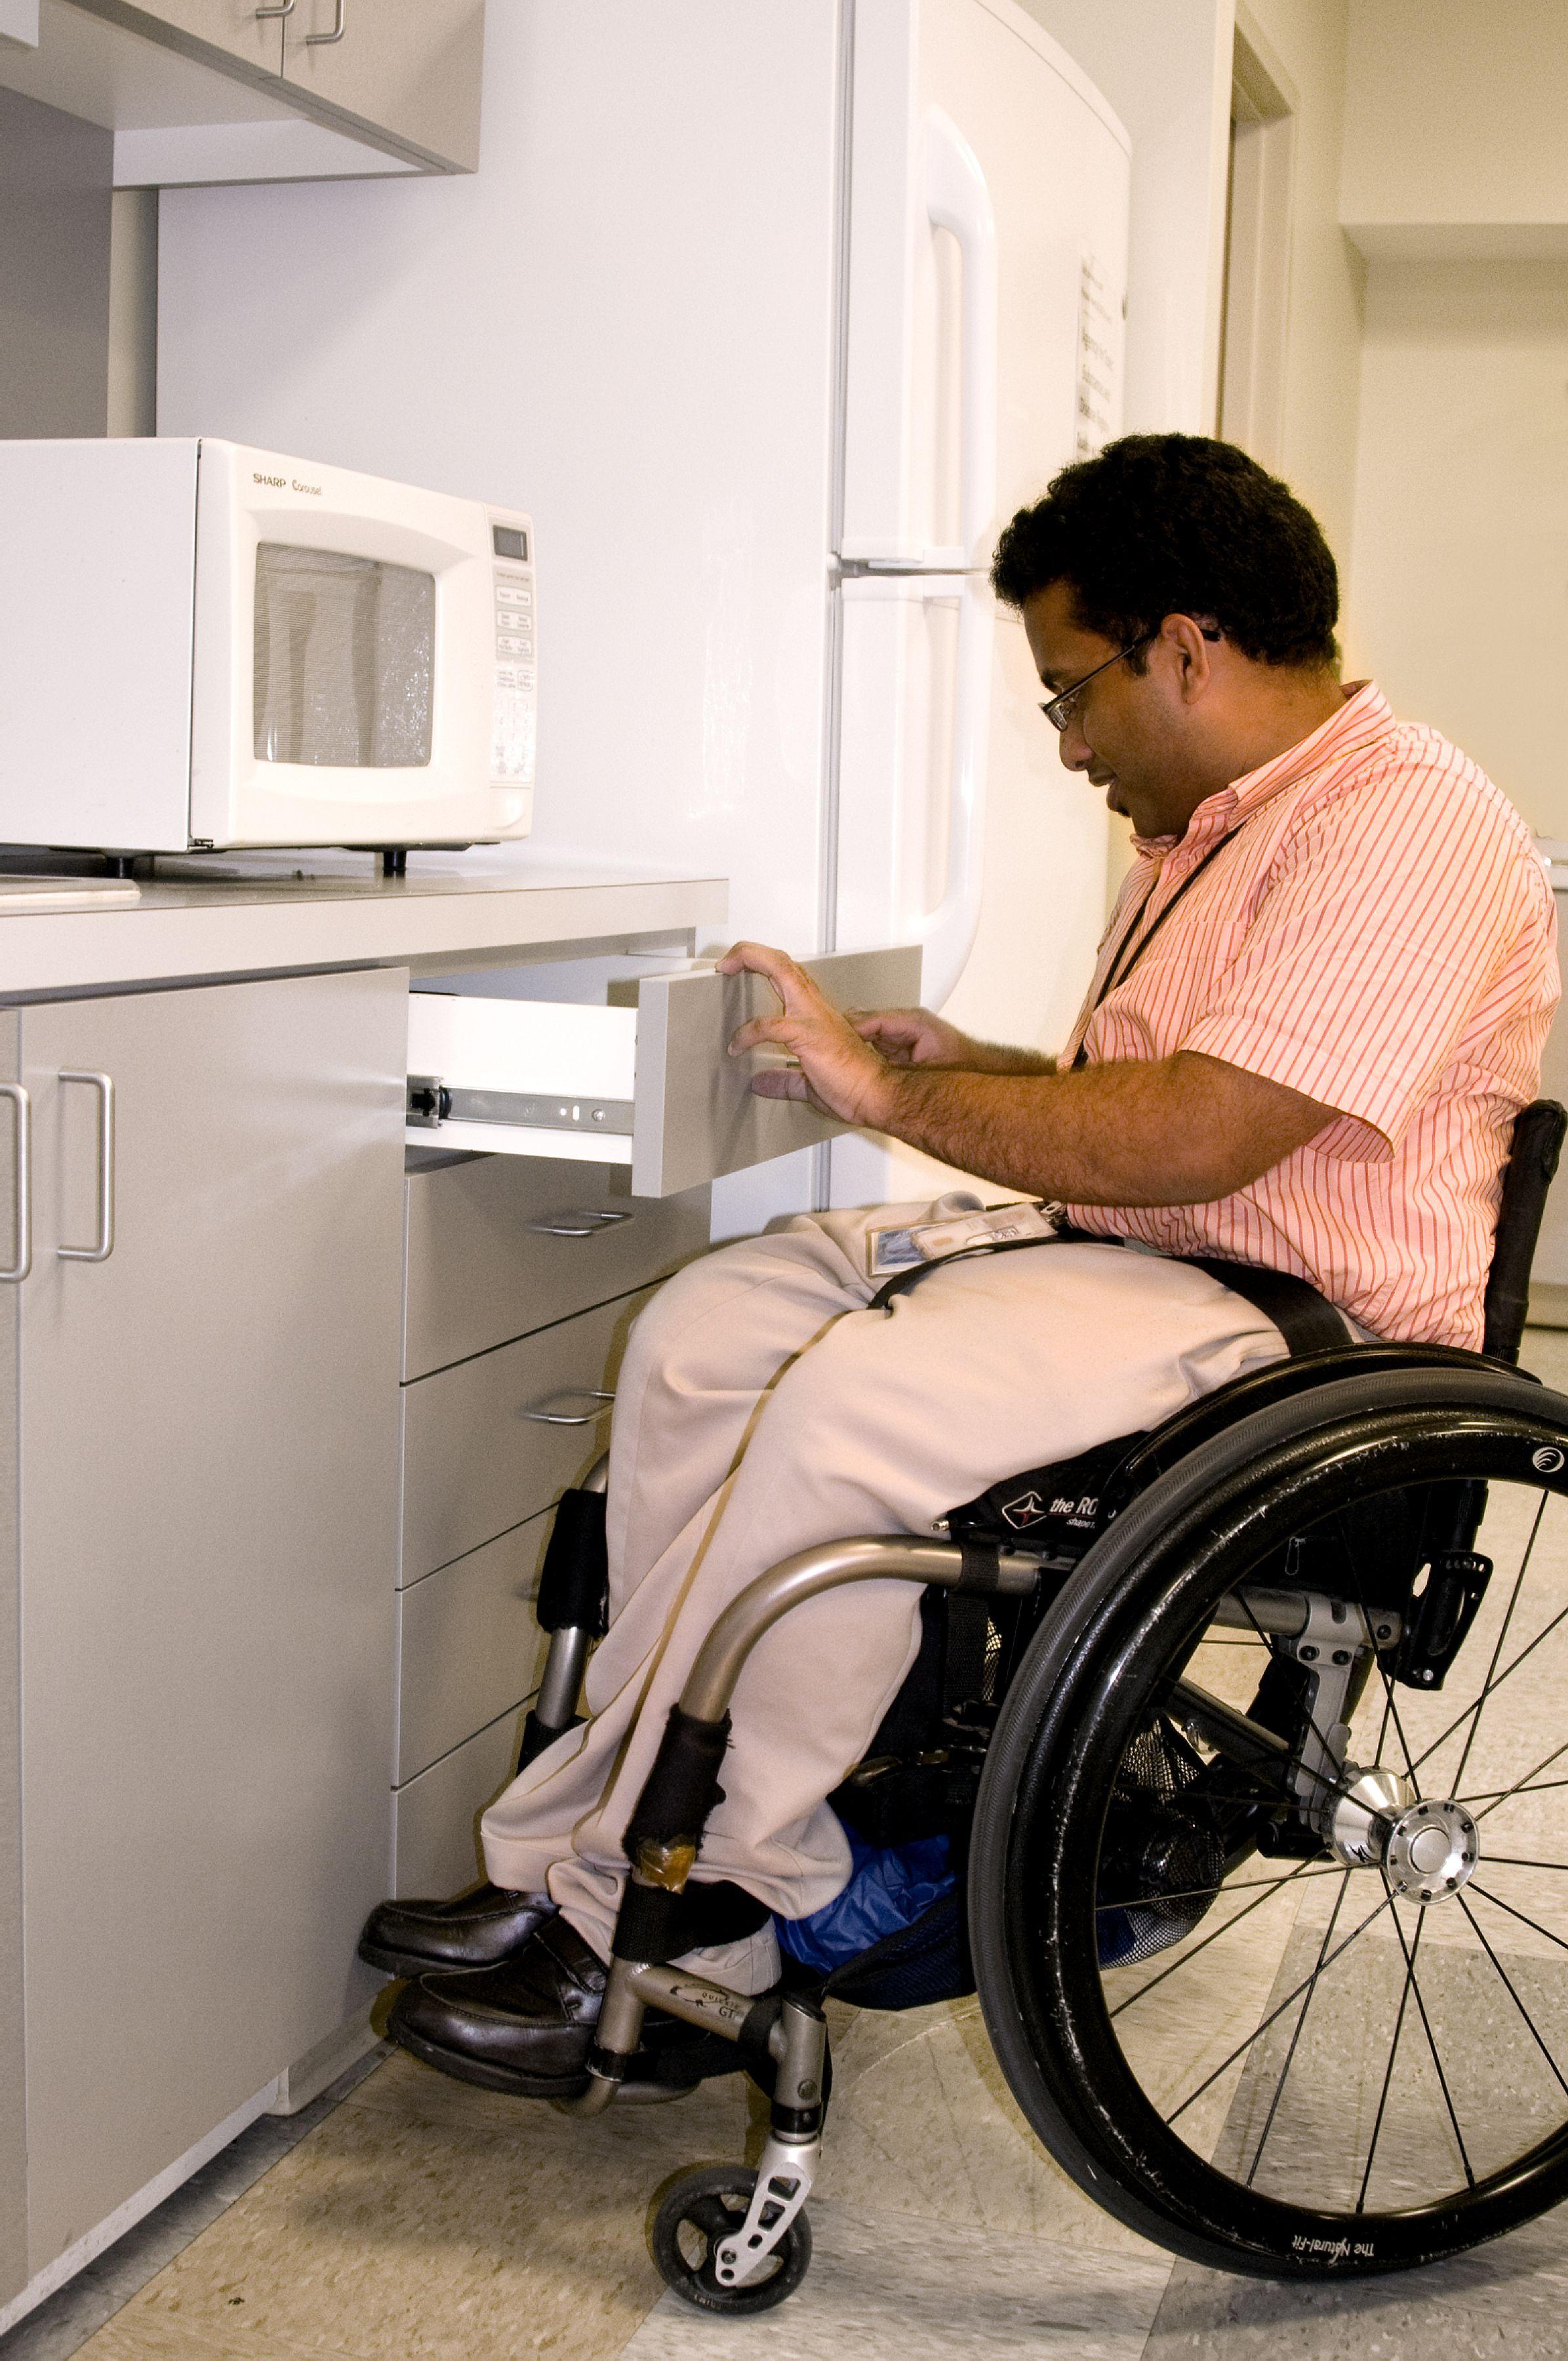 Imagen gratis: hombre, silla de ruedas, la cocina, el ...